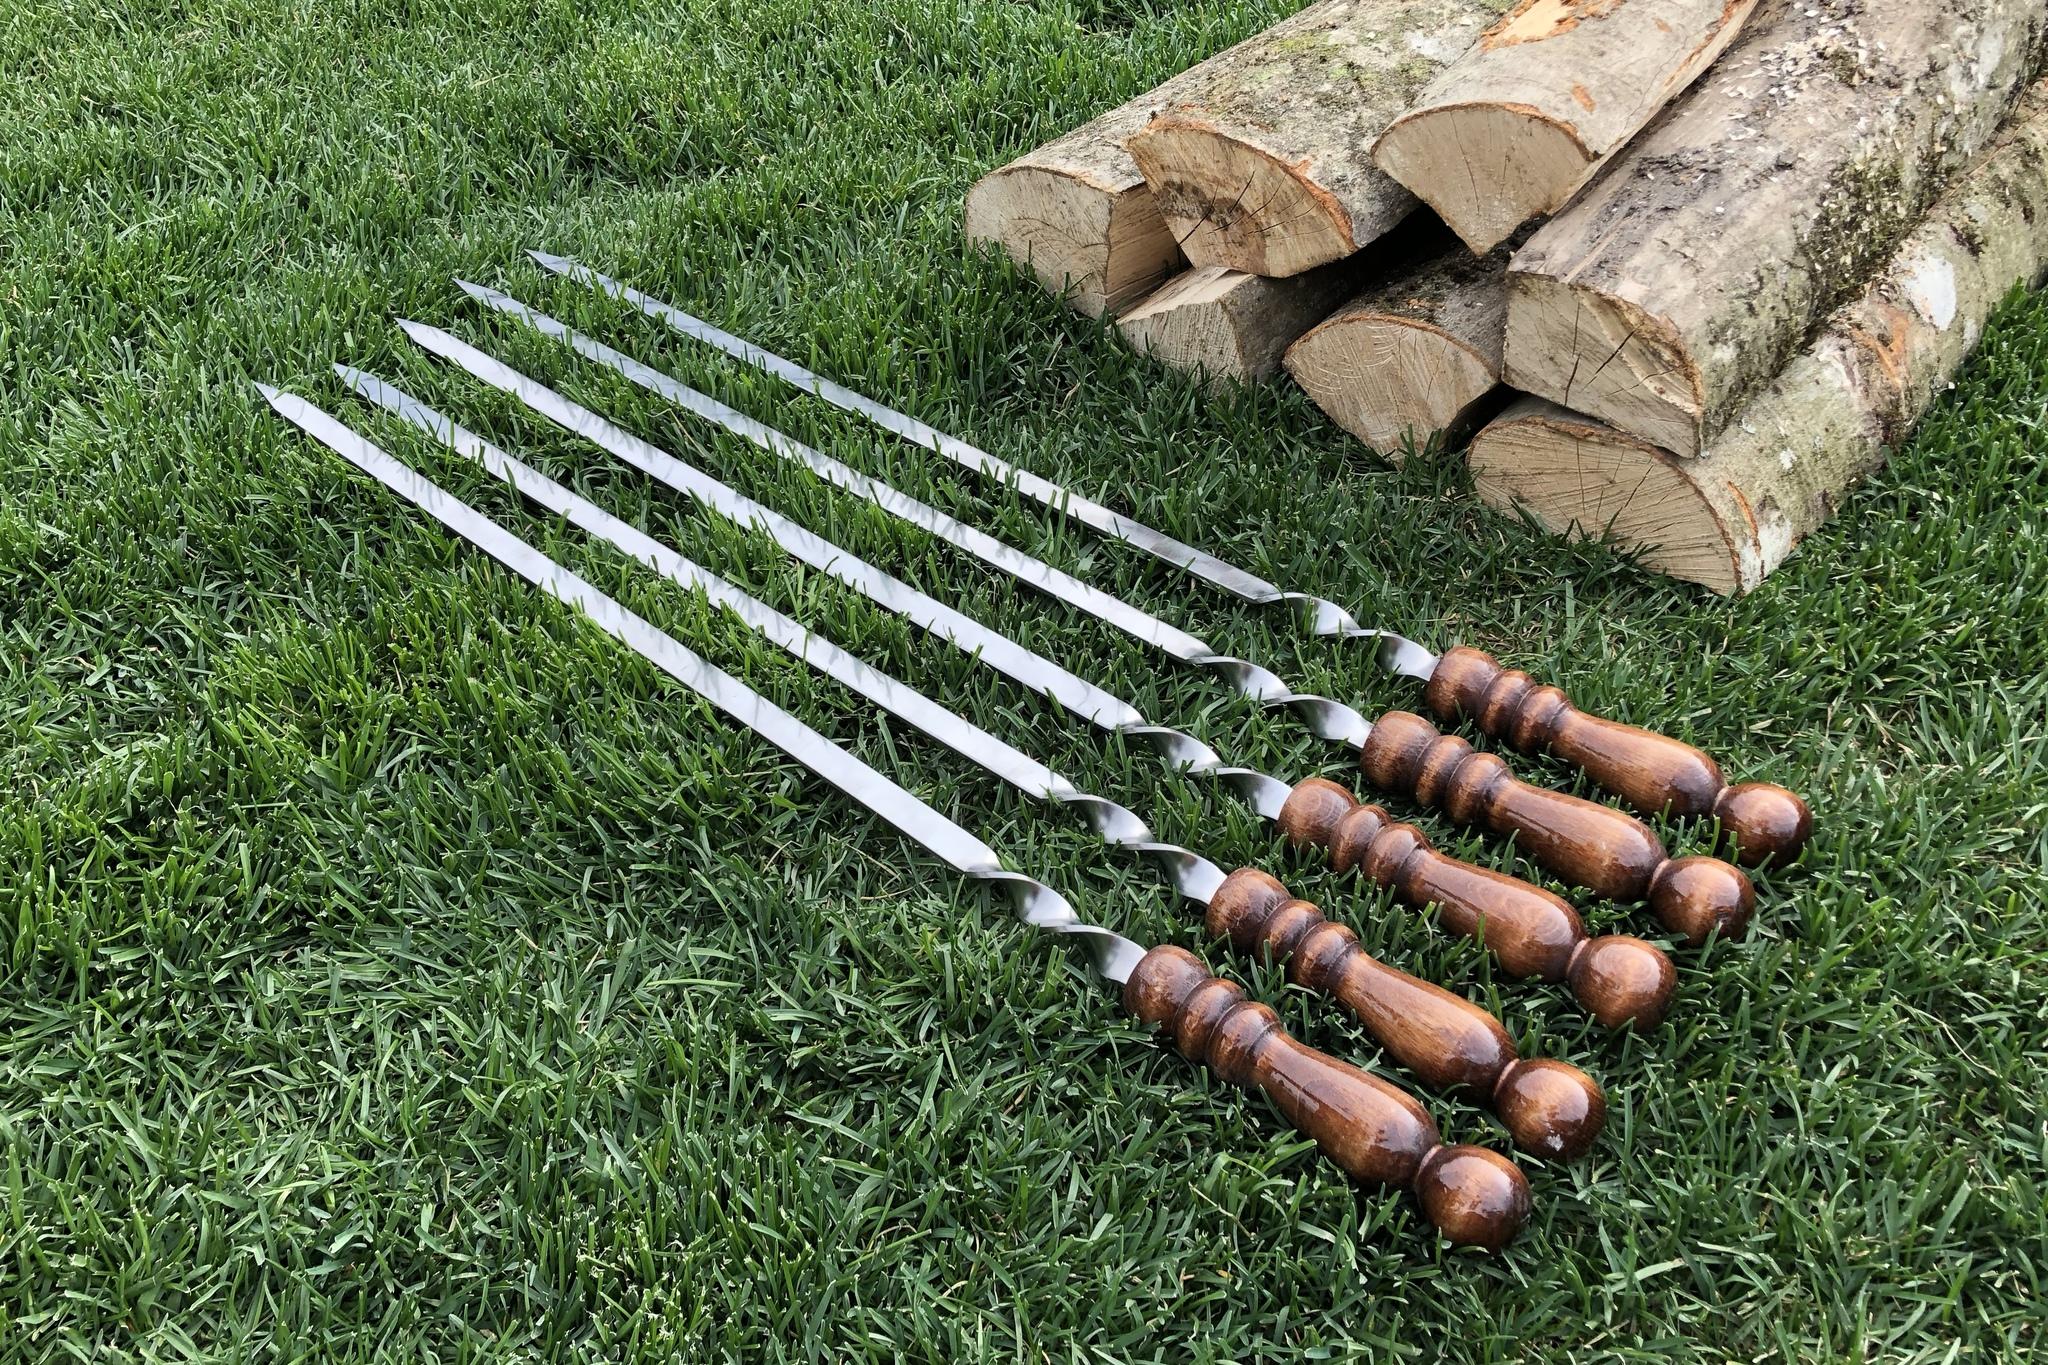 """Шампуры из нержавейки Шампур с деревянной ручкой """"Шар"""" 3мм (ширина 6мм) №4 IMG_3750.JPG"""